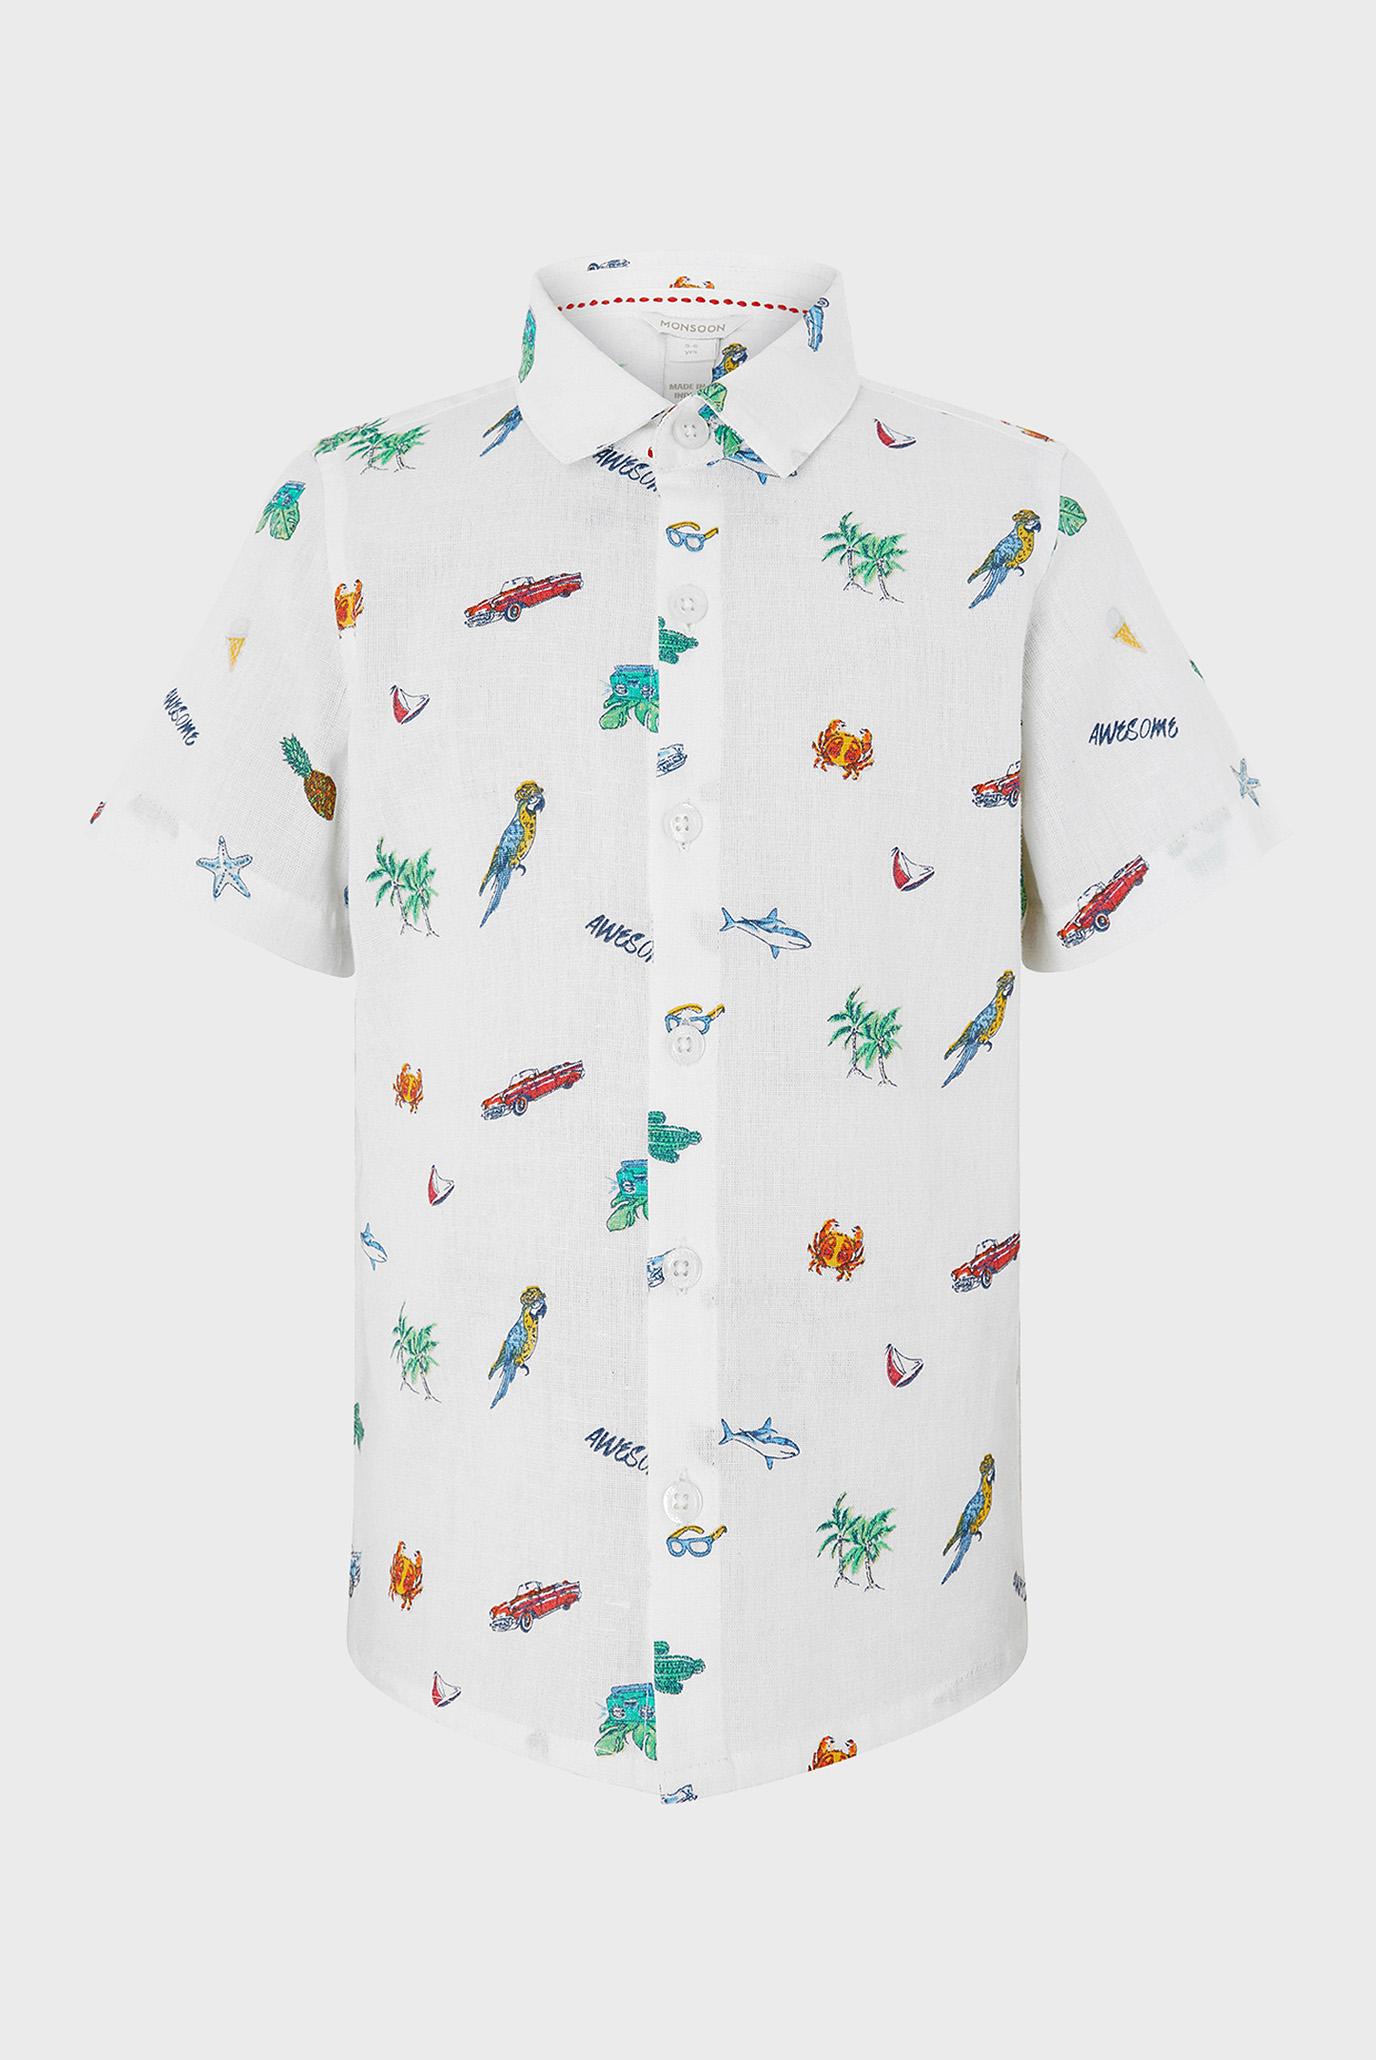 Купить Детская белая рубашка Seamus Summer  Monsoon Children Monsoon Children 616695 – Киев, Украина. Цены в интернет магазине MD Fashion